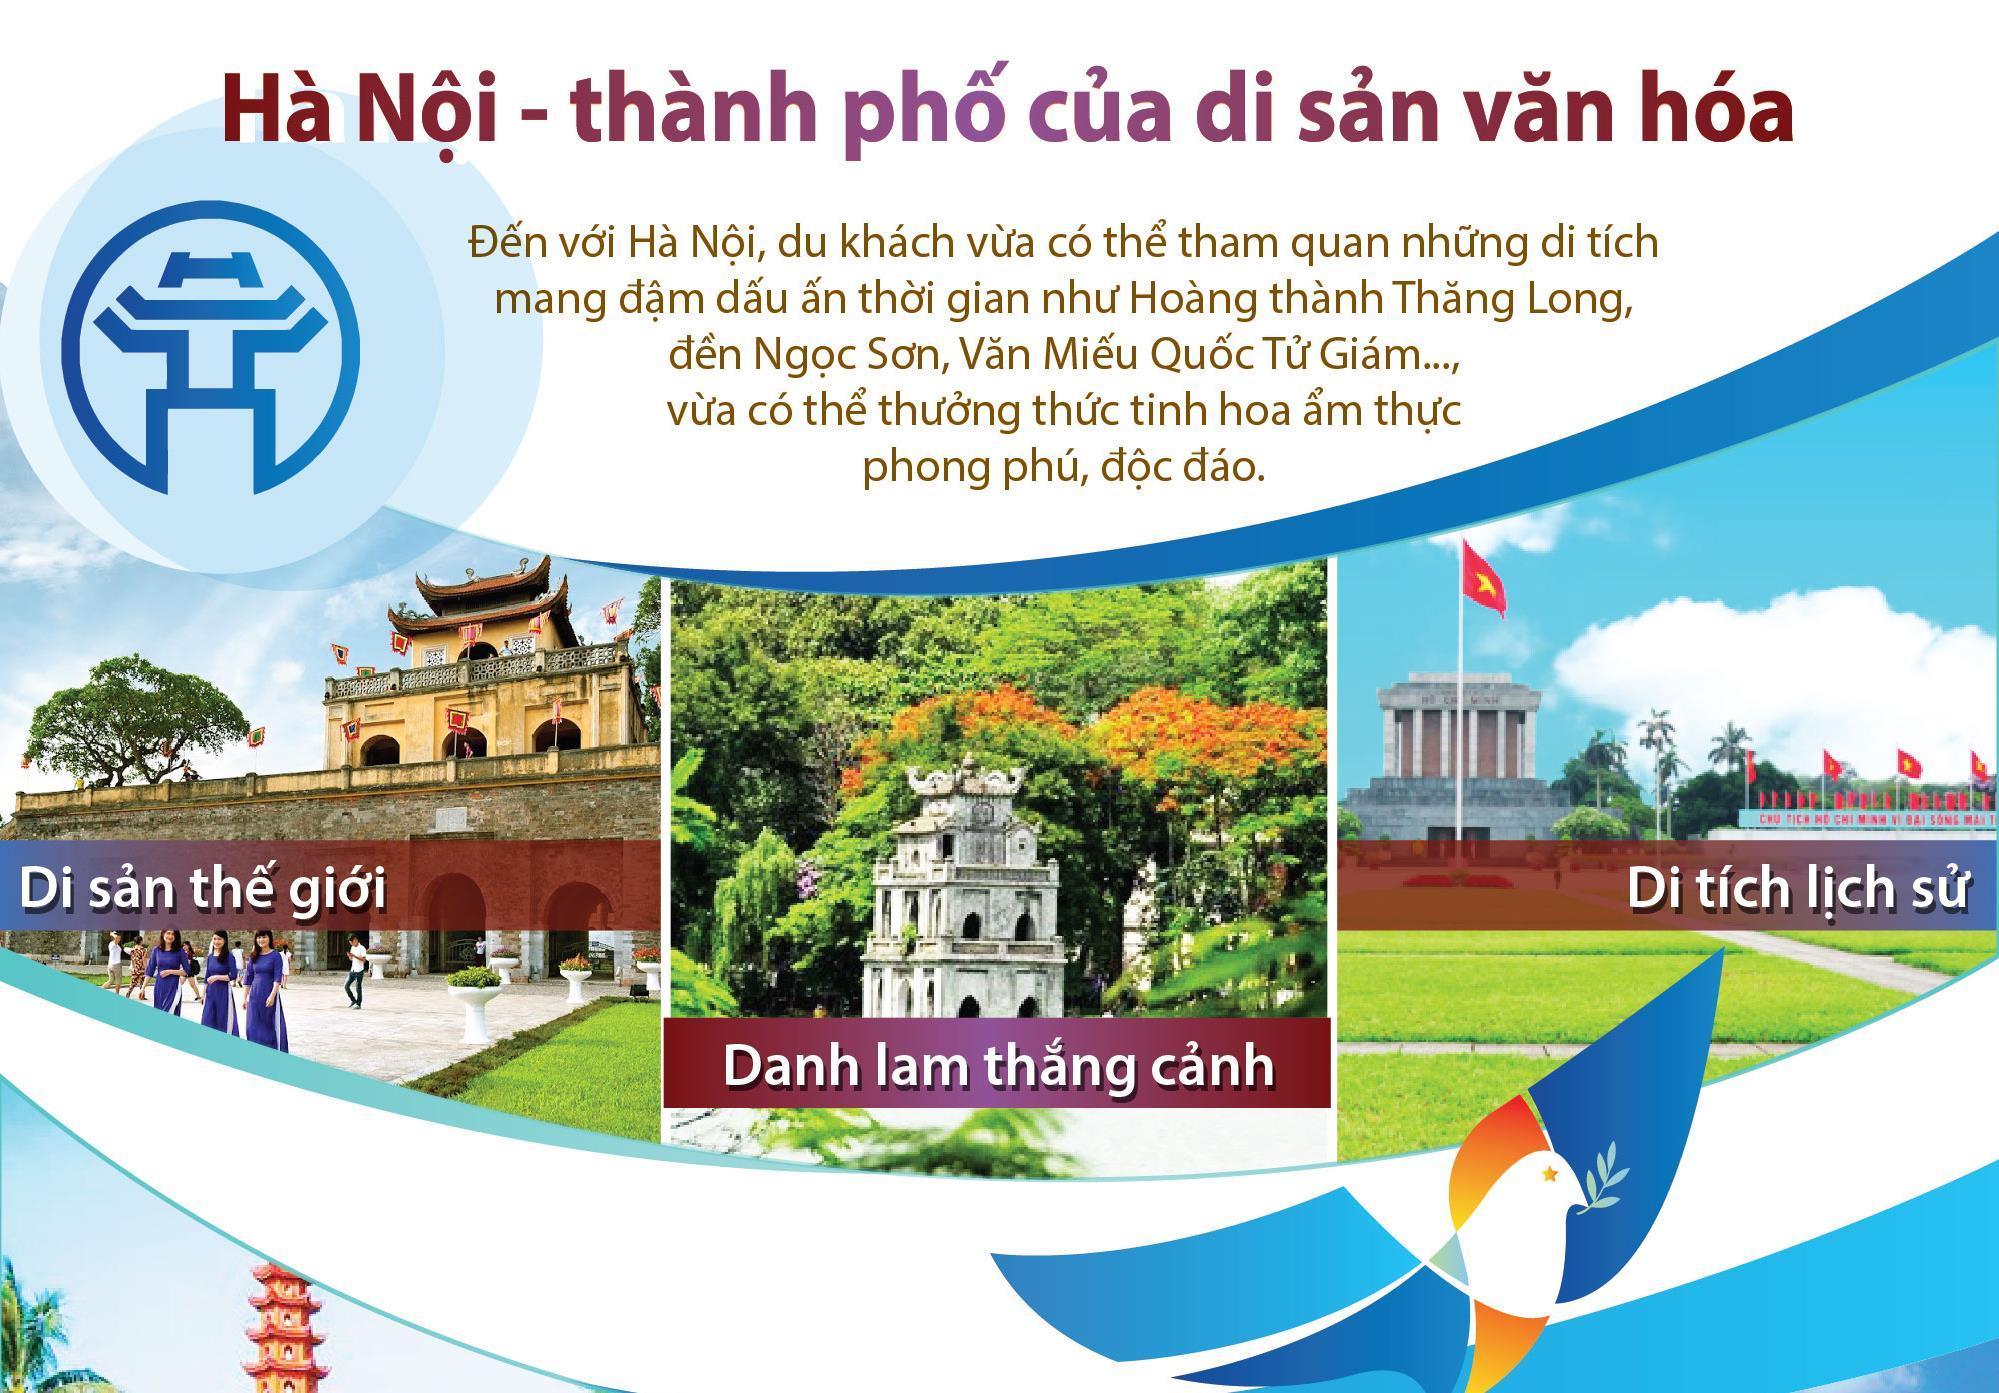 Hà Nội - thành phố của di sản văn hóa